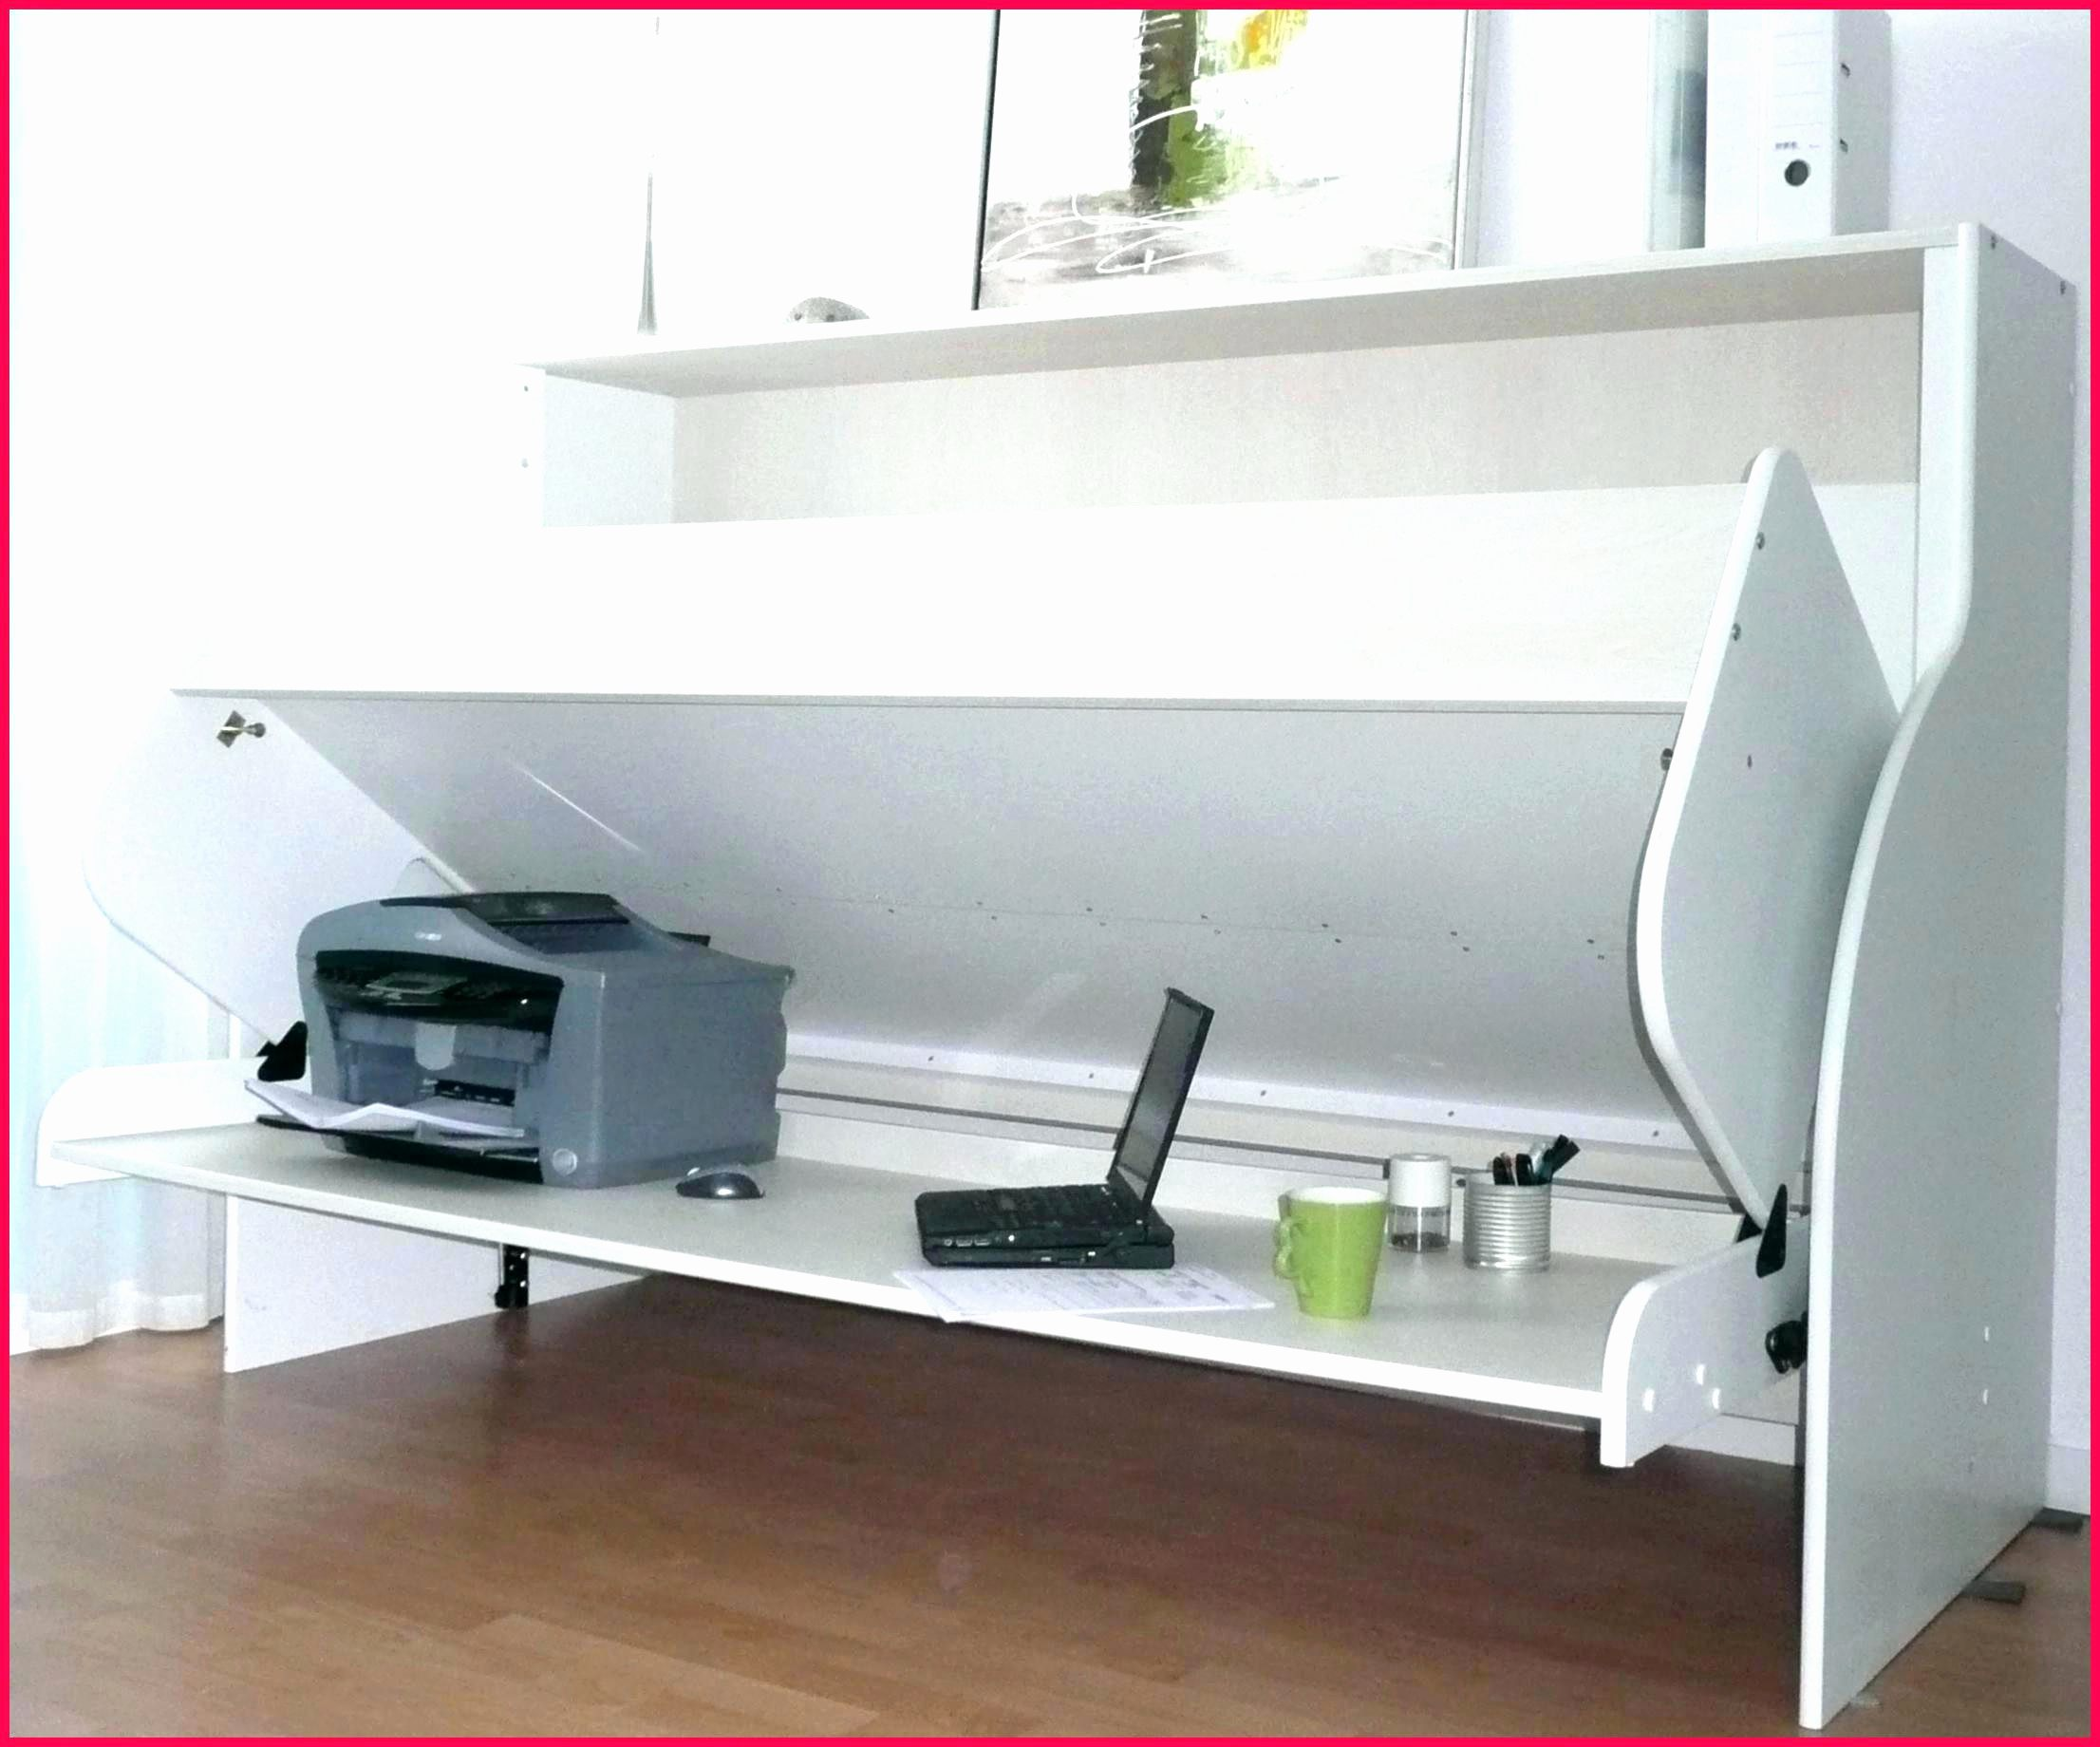 Lit Superposé 2 Places En Haut Et En Bas Inspiré Armoire Lit Canapé Nouveau 40 De Luxes Lit Escamotable 2 Places Avec